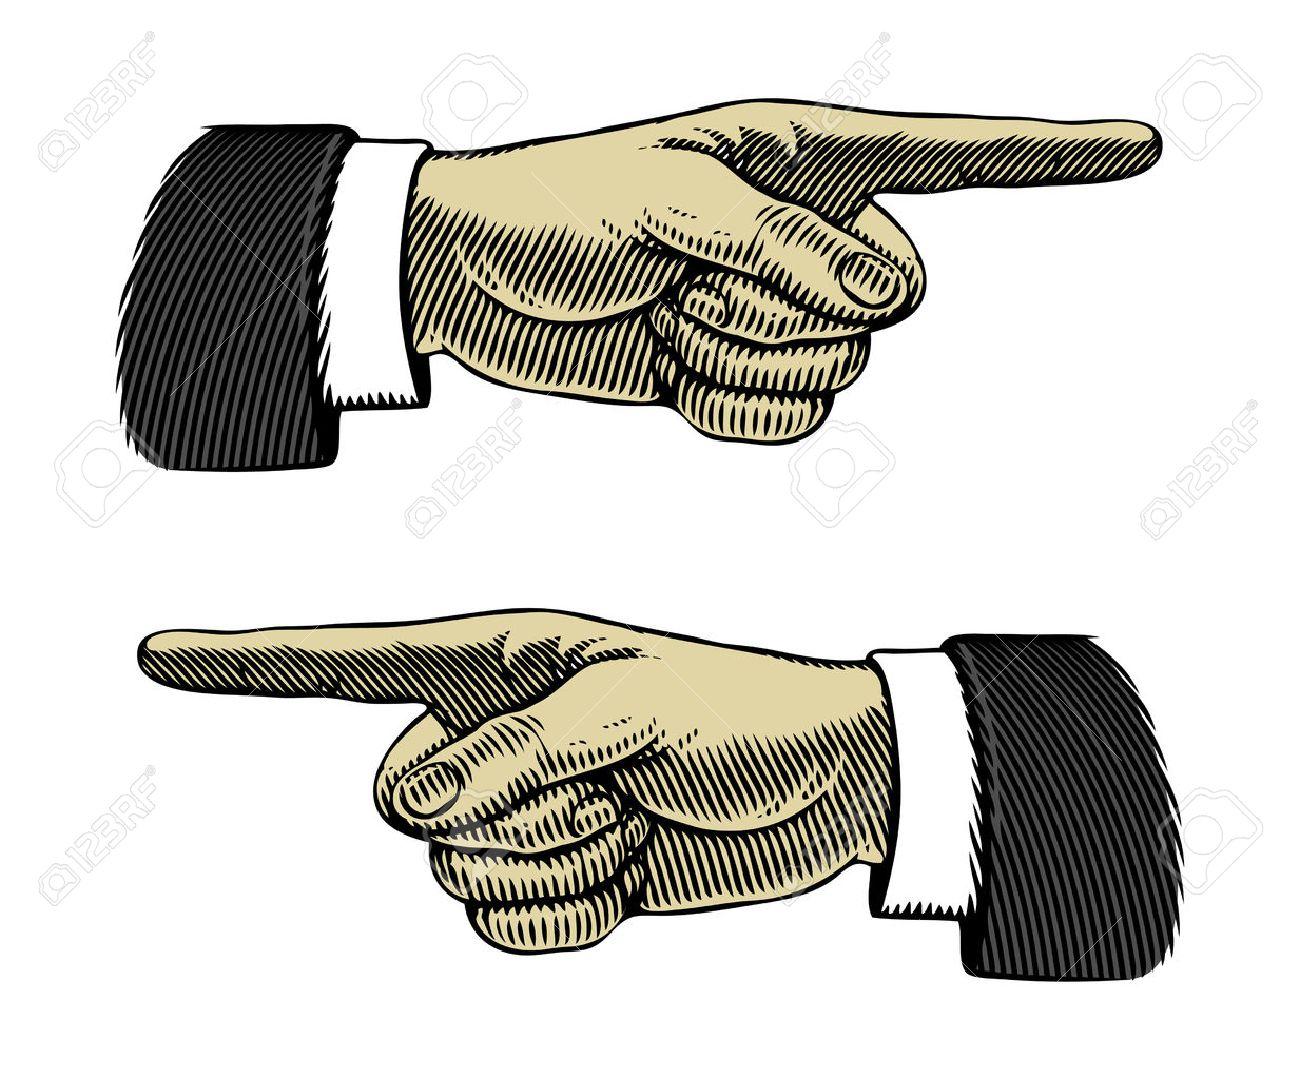 Afbeeldingsresultaat voor handje links handje rechts